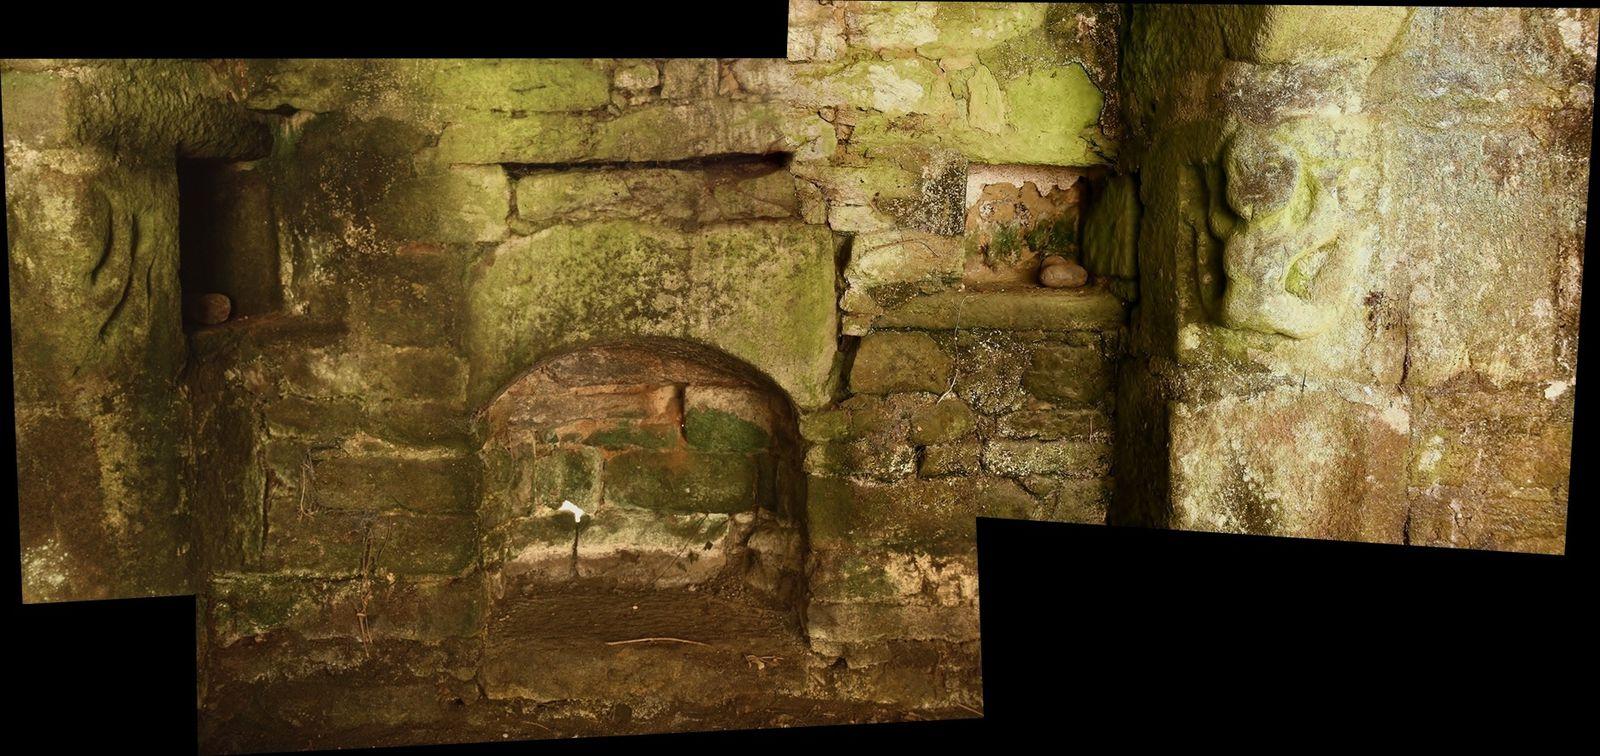 Vous constaterez coins de cheminées sont sculptées. Le moulin servait aussi de pigeonnier, ce qui permettait de montrer l'importance de son patrimoine. Il y a un calvaire sur le pignon de la construction. N'oubliez pas un petit clic pour visualiser les photos en grand. Bonne journée.